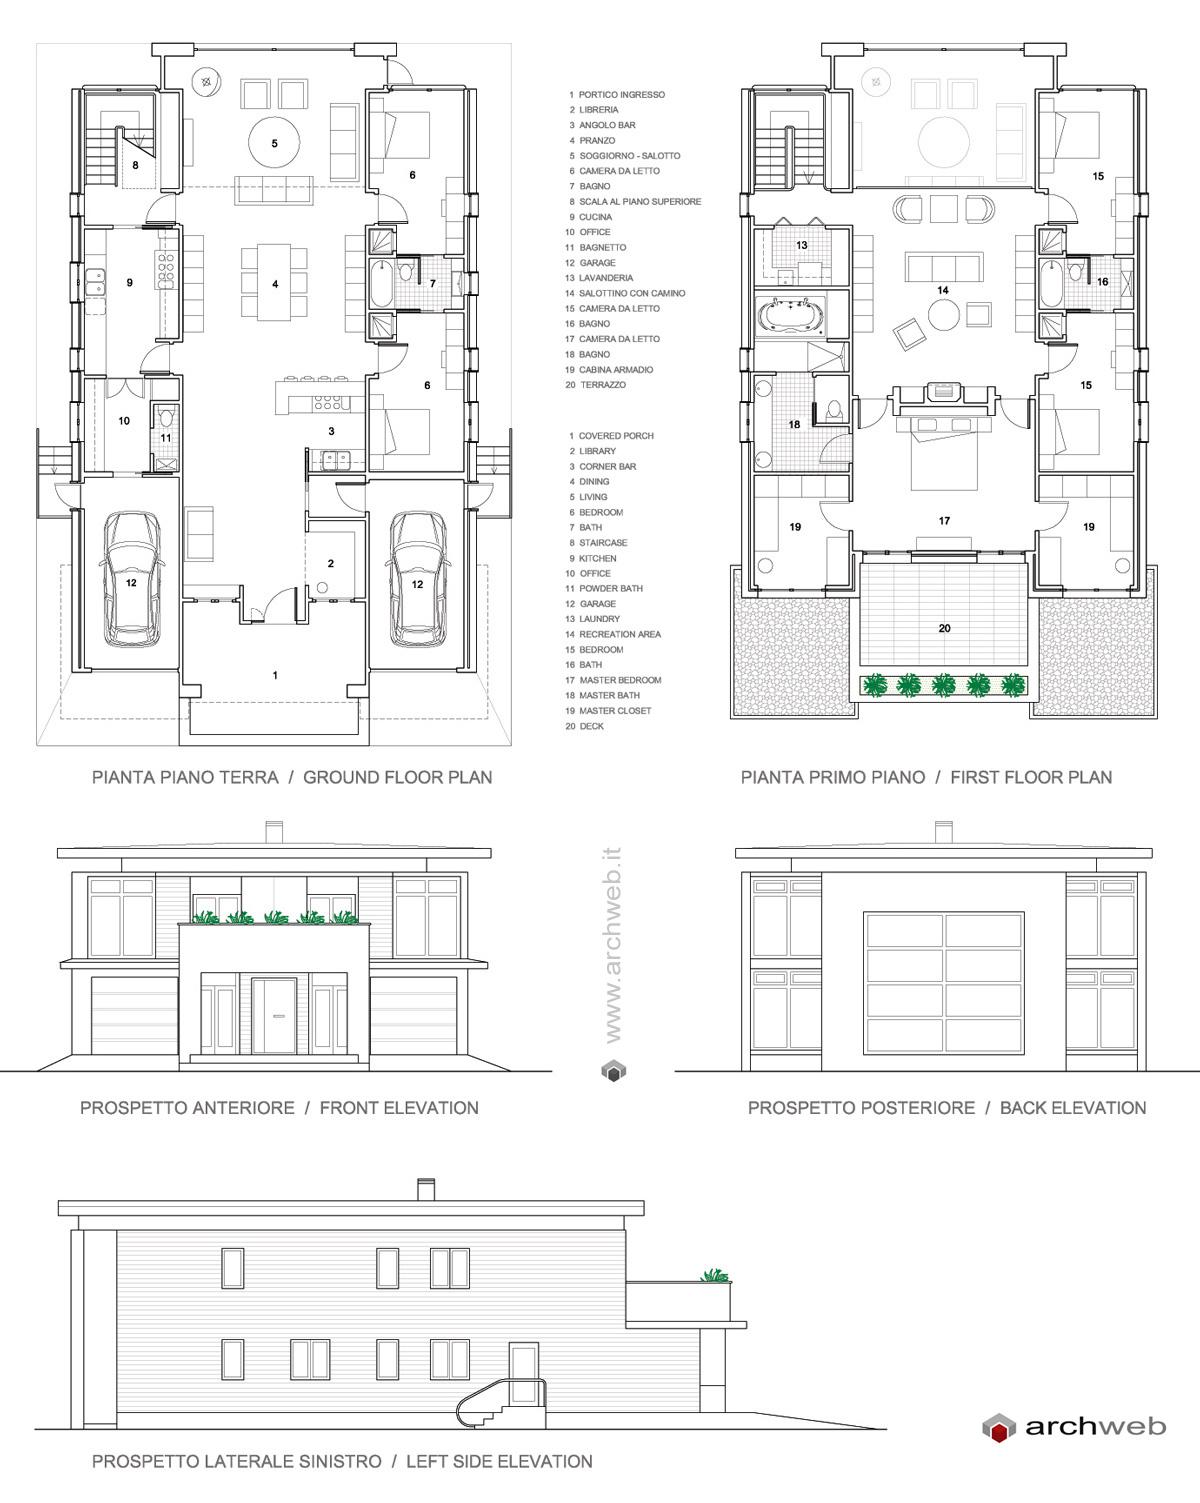 Sgabelli dwg archweb design inspiration f r - Letto dwg prospetto ...